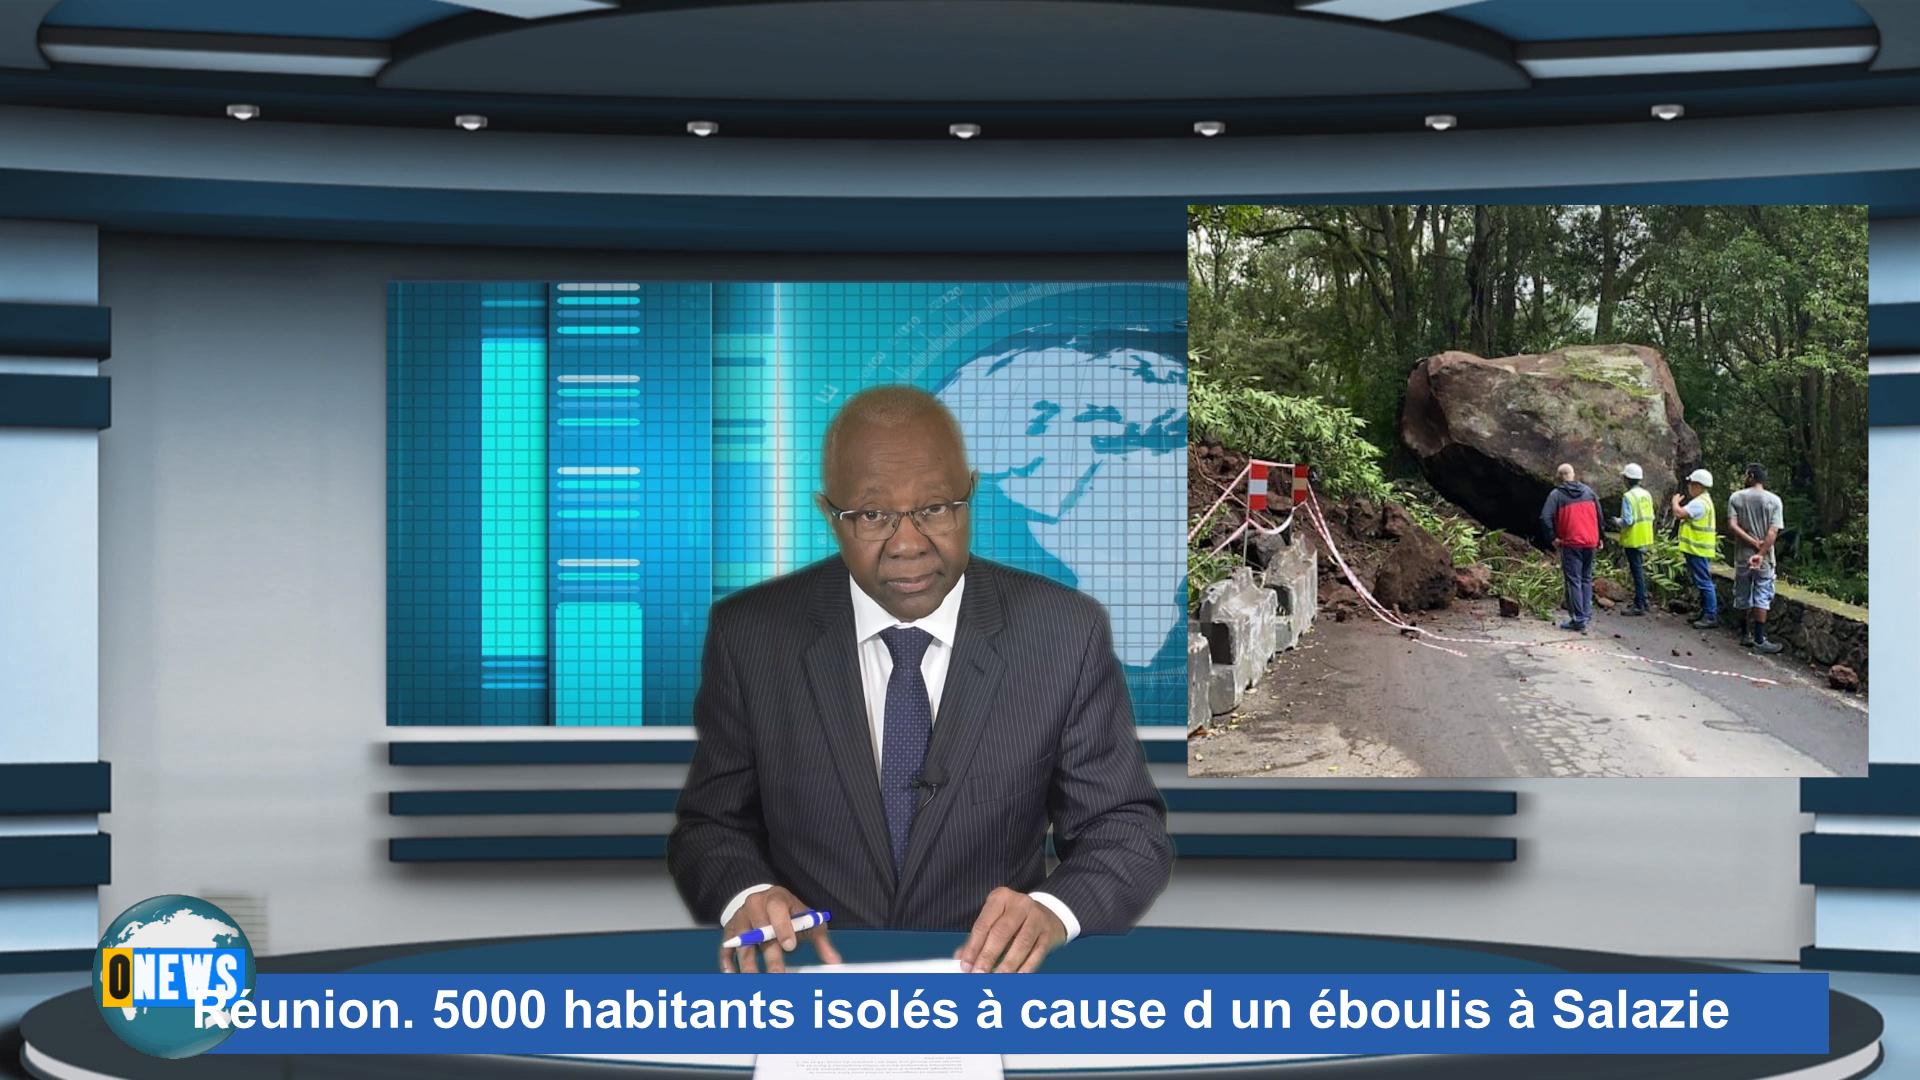 Onews Réunion. Réunion. 5000 habitants isolés à cause d un éboulis à Salazie